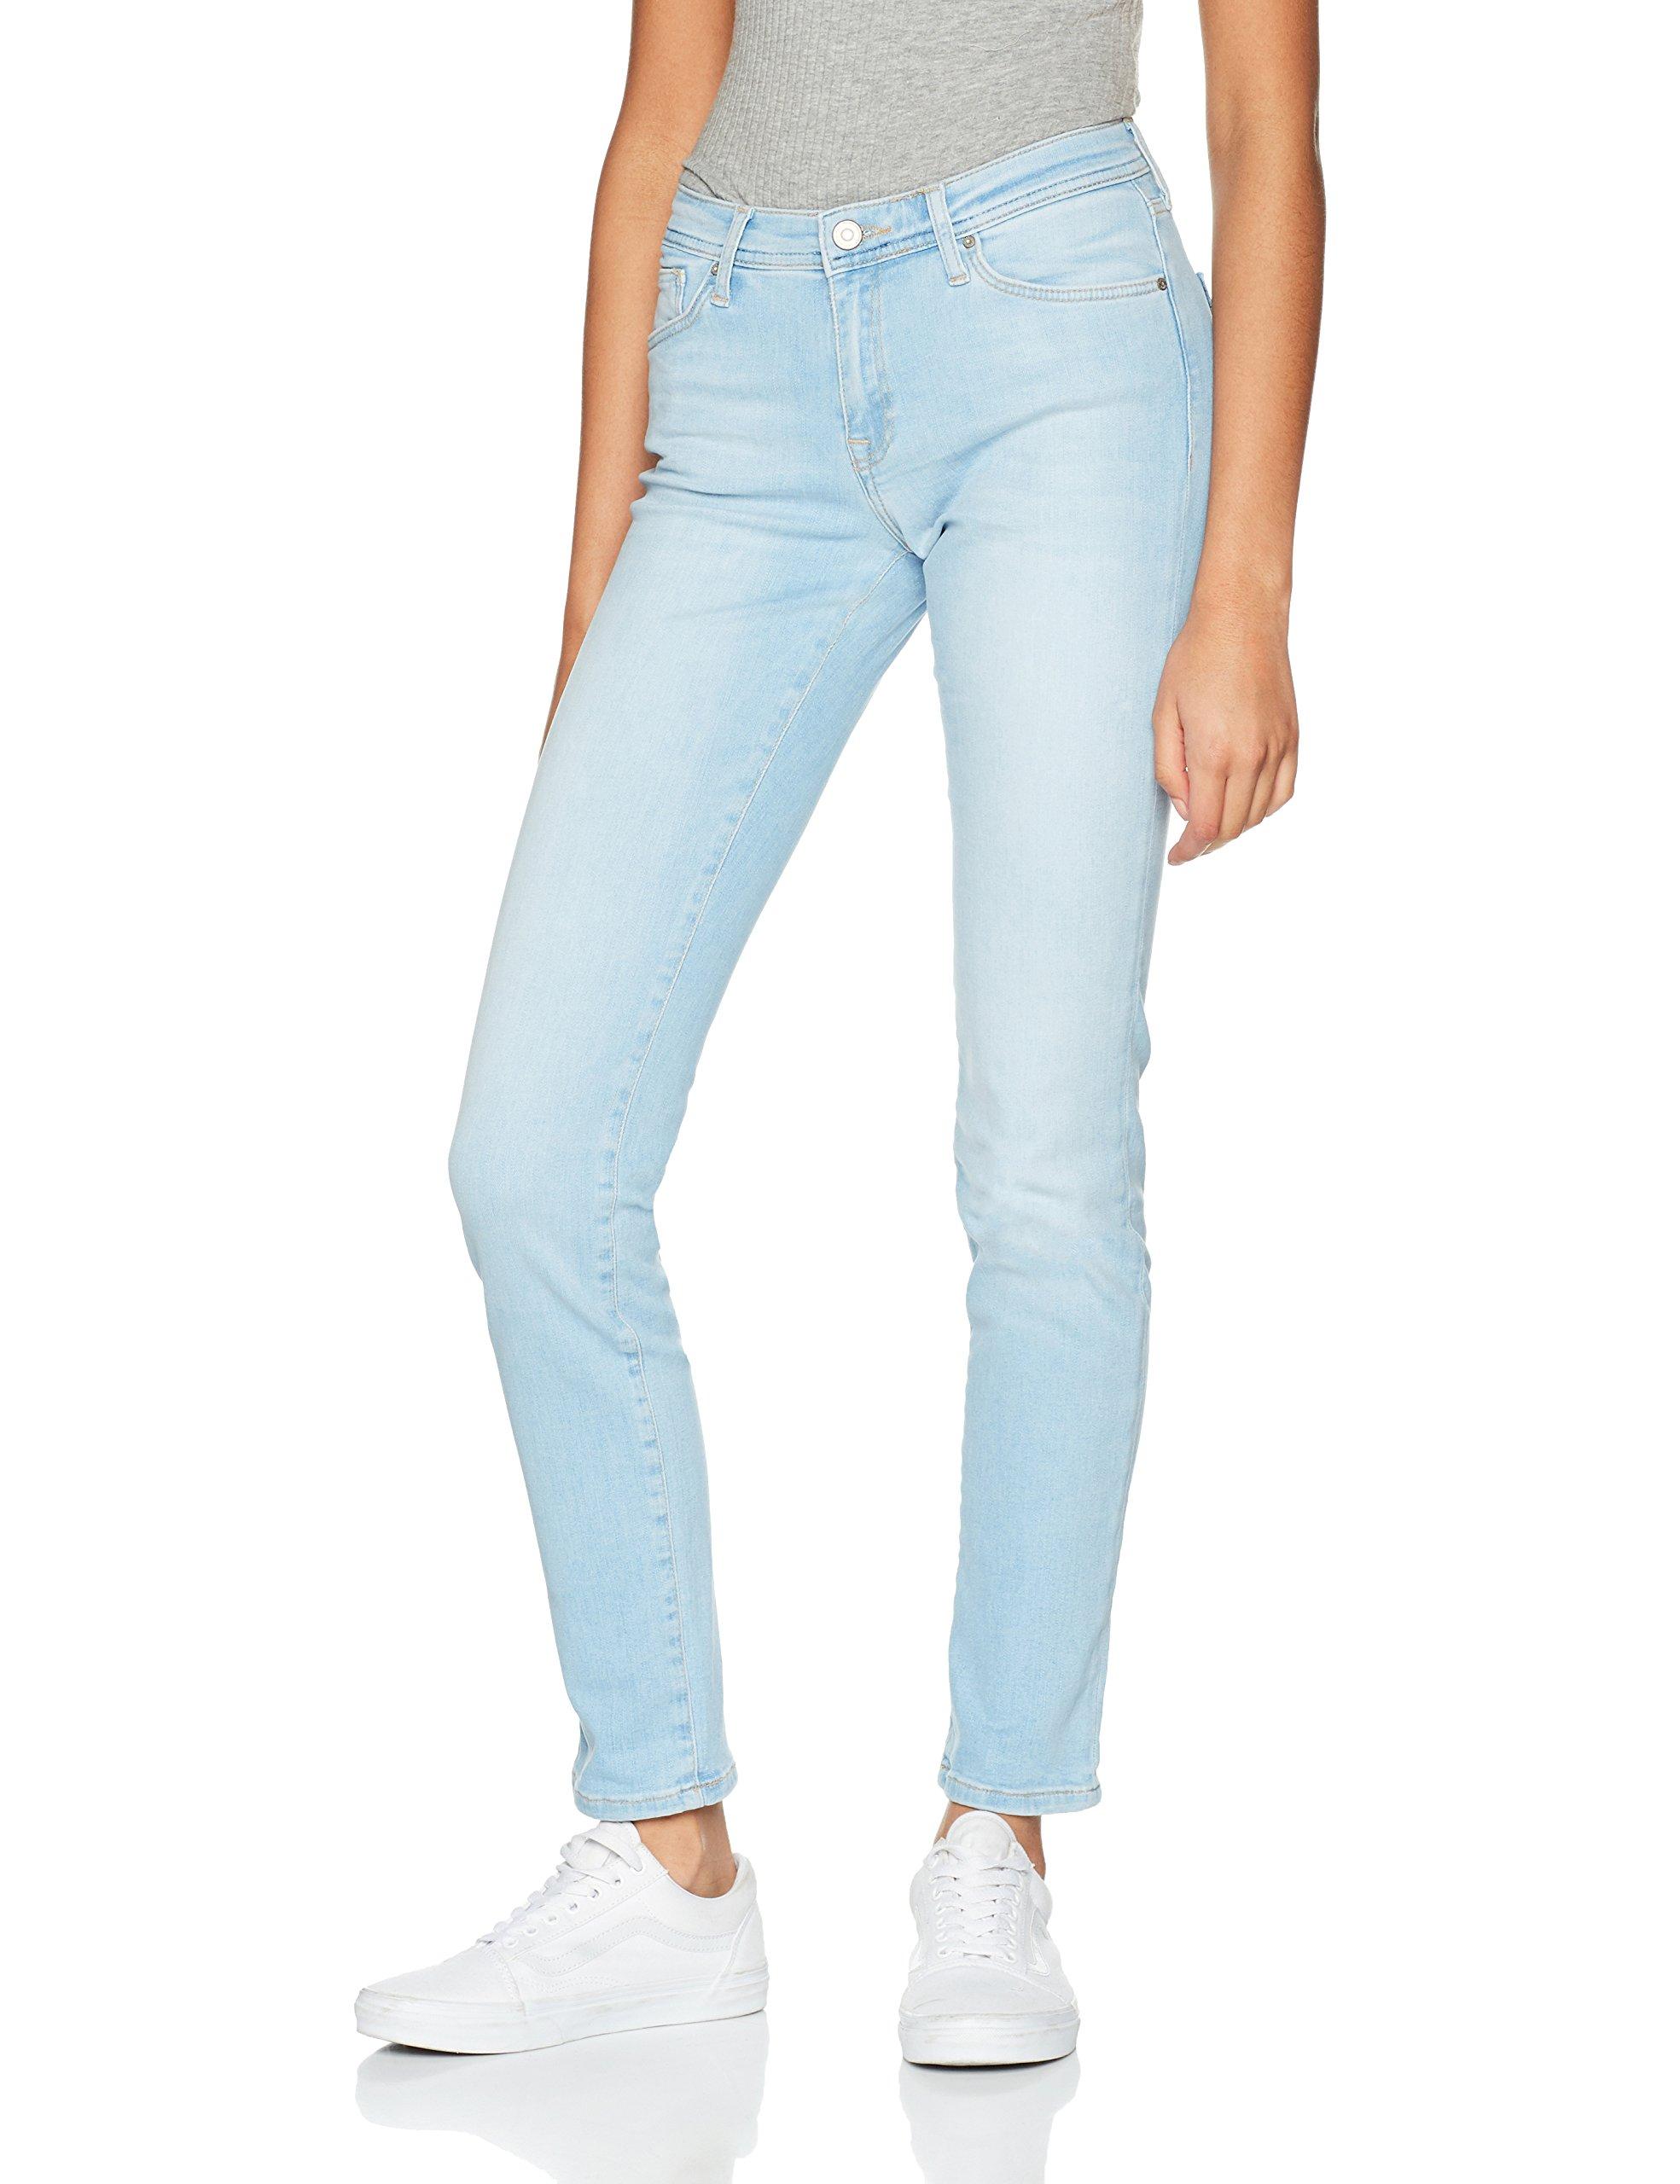 FemmeBleulight Jean Cross Anya Blue Slim X 32l 12433w vn0OPNywm8